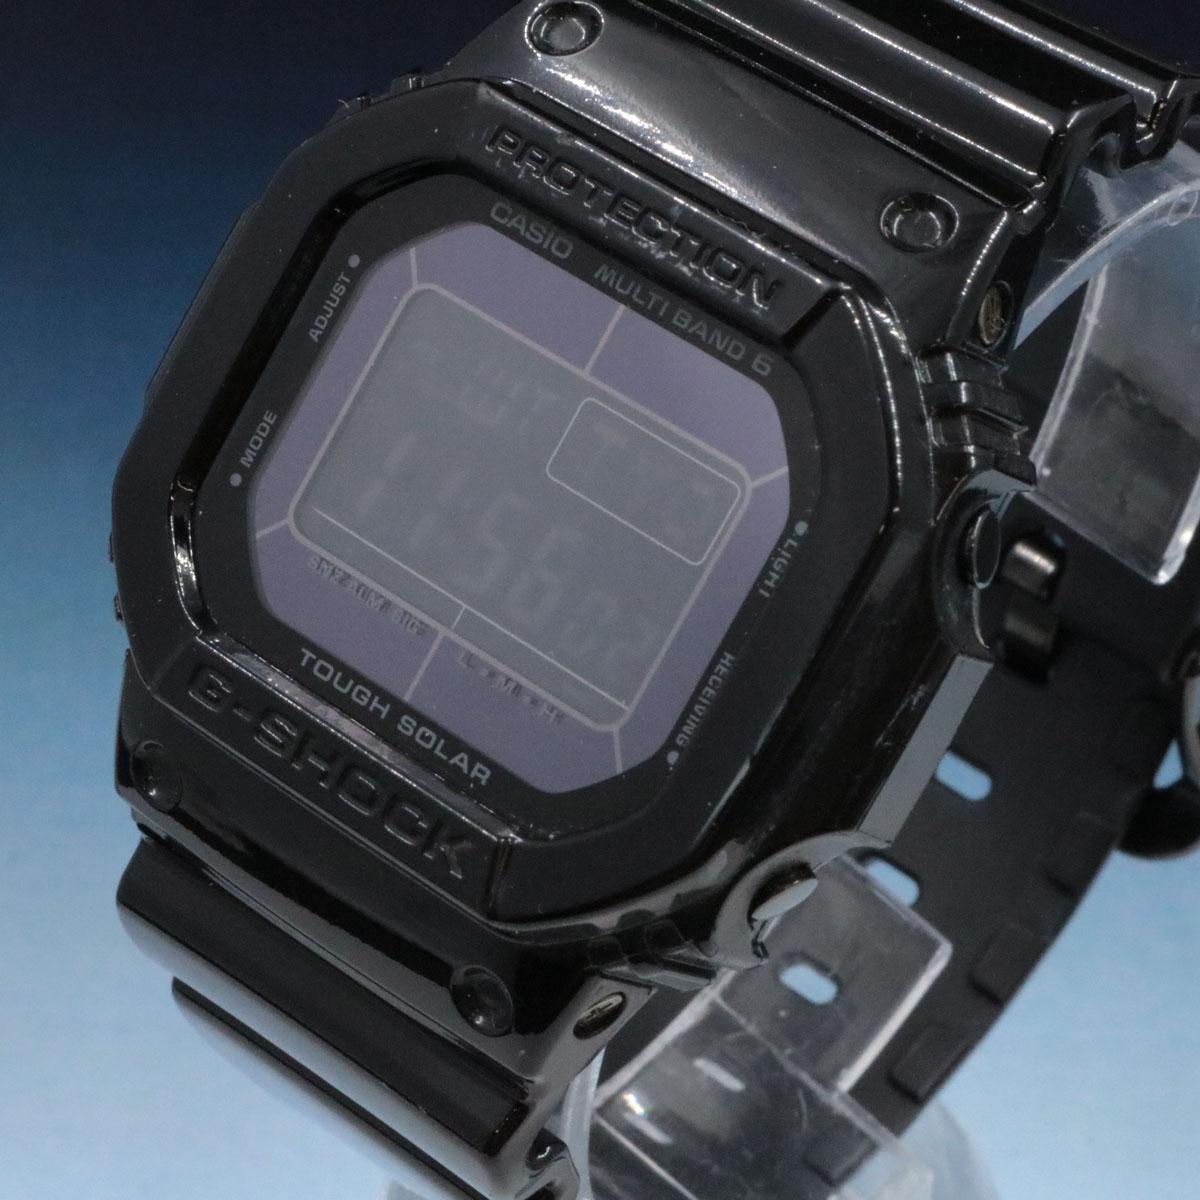 CASIO G-SCHOCK カシオ デジタル腕時計 GW-M5610BB ブラック Gショック 時計 大人気 電波 マルチバンド6 メンズ タフソーラ― 中古 ブランド買うならブランドオフ 小物